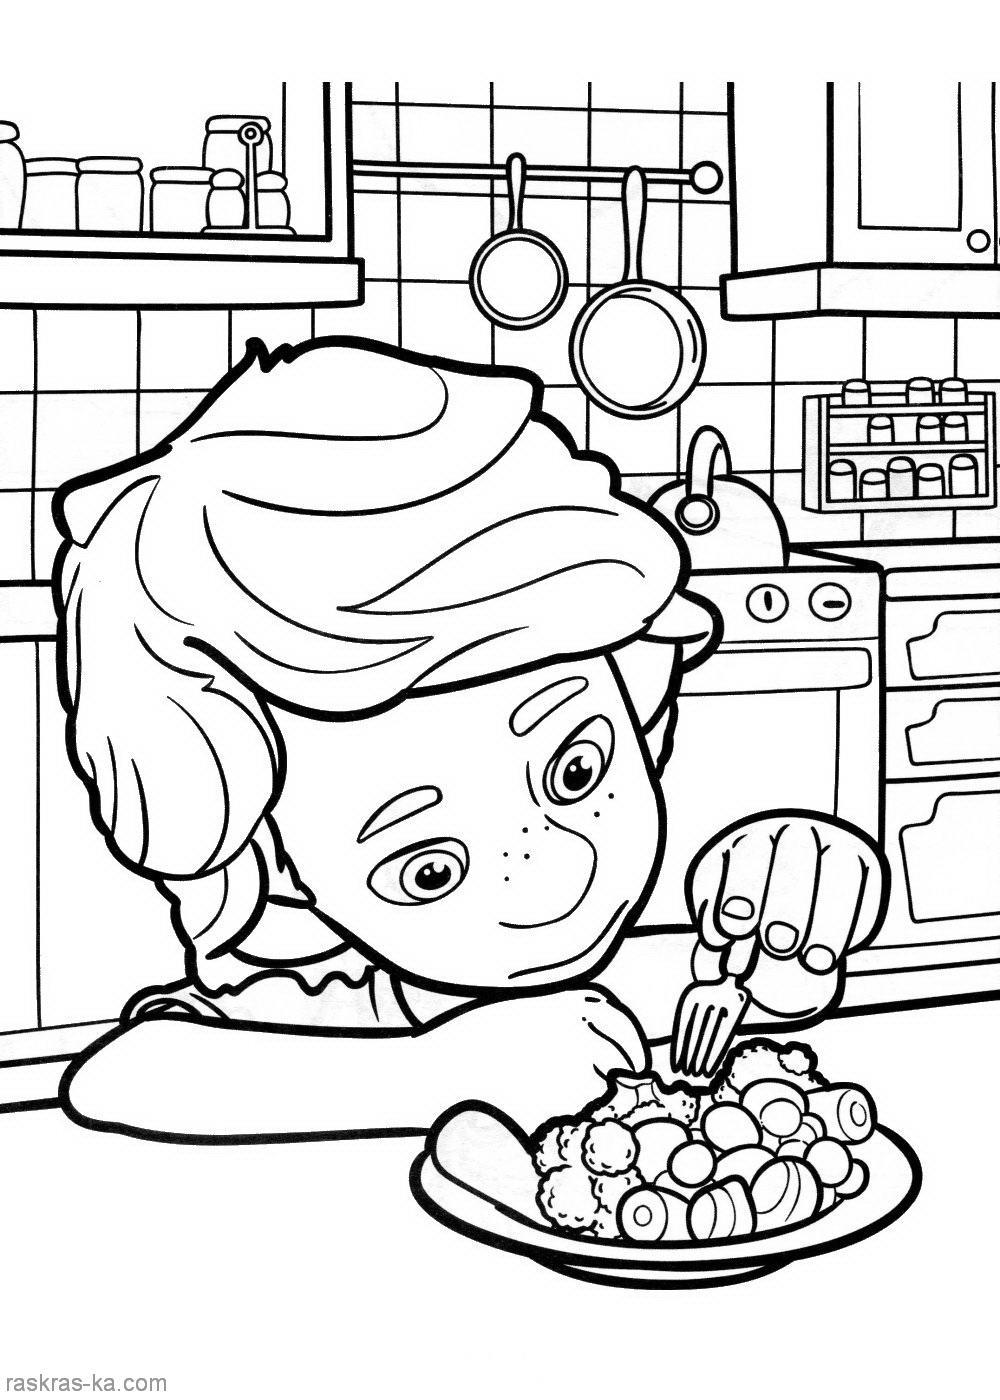 Мальчик Раскрашки фиксики (мультик) Раскраски распечатать